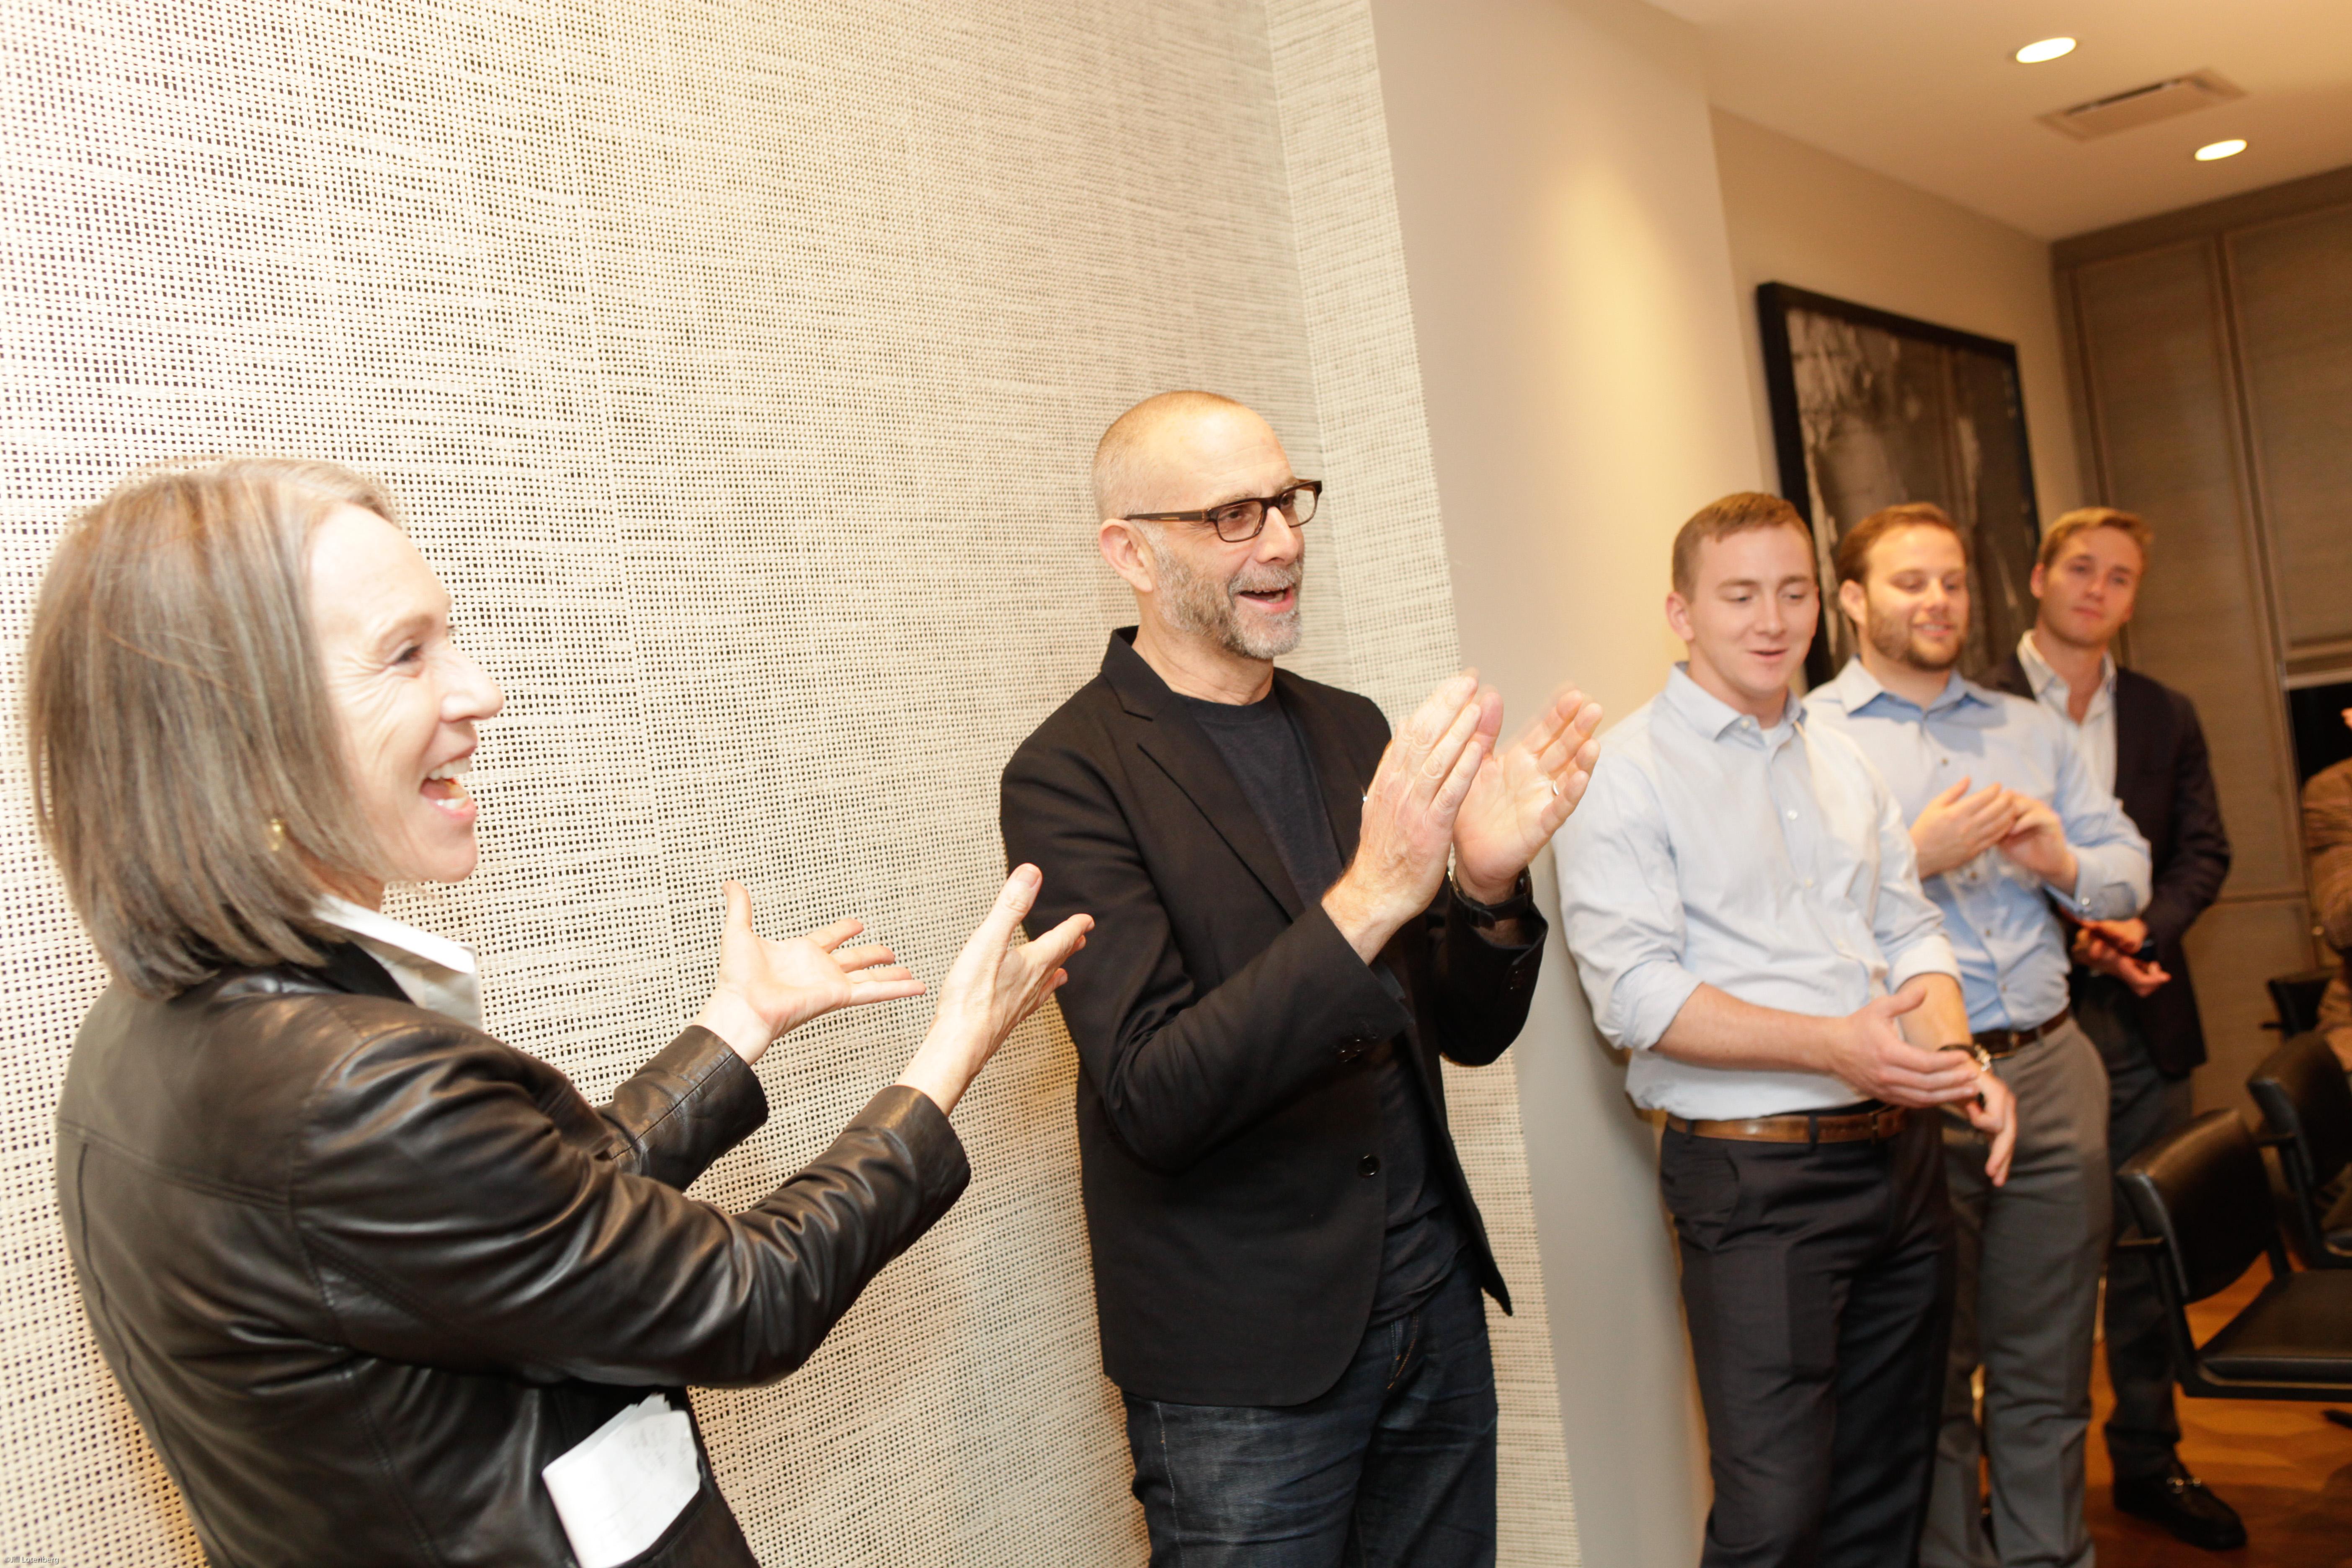 Barbara Van Beuren, Anbau; Morris Adjmi, Morris Adjmi Architects.